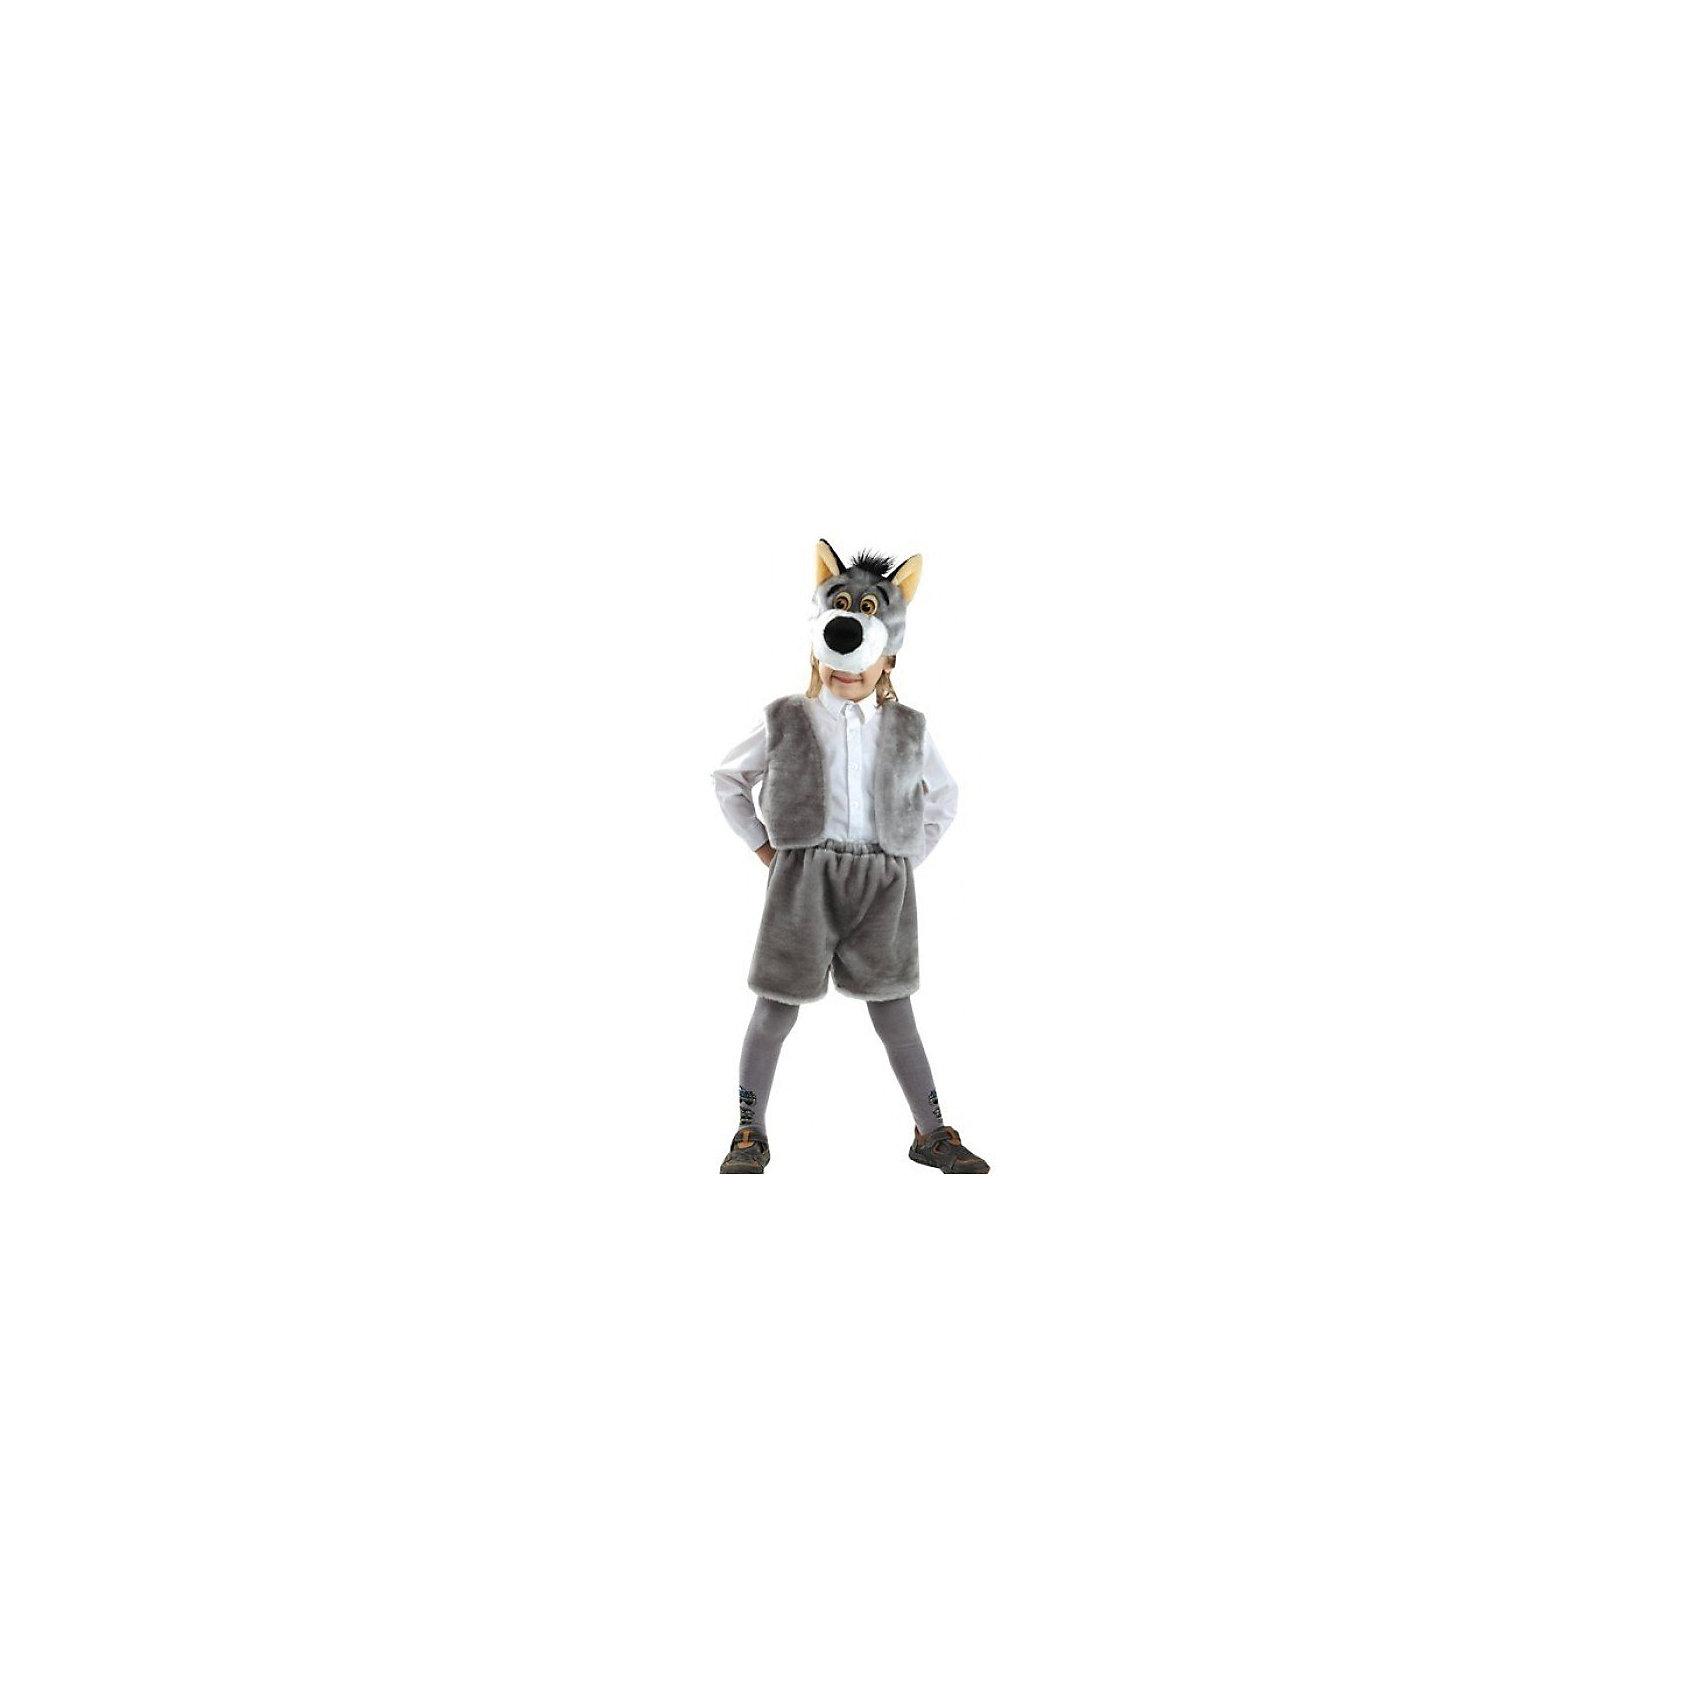 Карнавальный костюм Волк (мех), БатикКарнавальные костюмы и аксессуары<br>Карнавальный костюм Волк (мех), Батик<br><br>Характеристики:<br><br>• Материал:  мех искусственный, волокно полиэфирное, полотно трикотажное. <br>• Цвет: серый.<br>• В комплект входит: серая маска с мордочкой волка, серенькая жилетка и шорты.<br><br>Какой же детский утренник без карнавального костюма? Российская фирма Батик предлагает карнавальный костюм Волк, который поможет вашему ребенку  побыть сказочным героем.<br><br>Карнавальный костюм Волк (мех), Батик, можно купить в нашем интернет-магазине!<br><br>Ширина мм: 500<br>Глубина мм: 50<br>Высота мм: 700<br>Вес г: 600<br>Цвет: белый<br>Возраст от месяцев: 48<br>Возраст до месяцев: 60<br>Пол: Мужской<br>Возраст: Детский<br>Размер: 28<br>SKU: 5092497